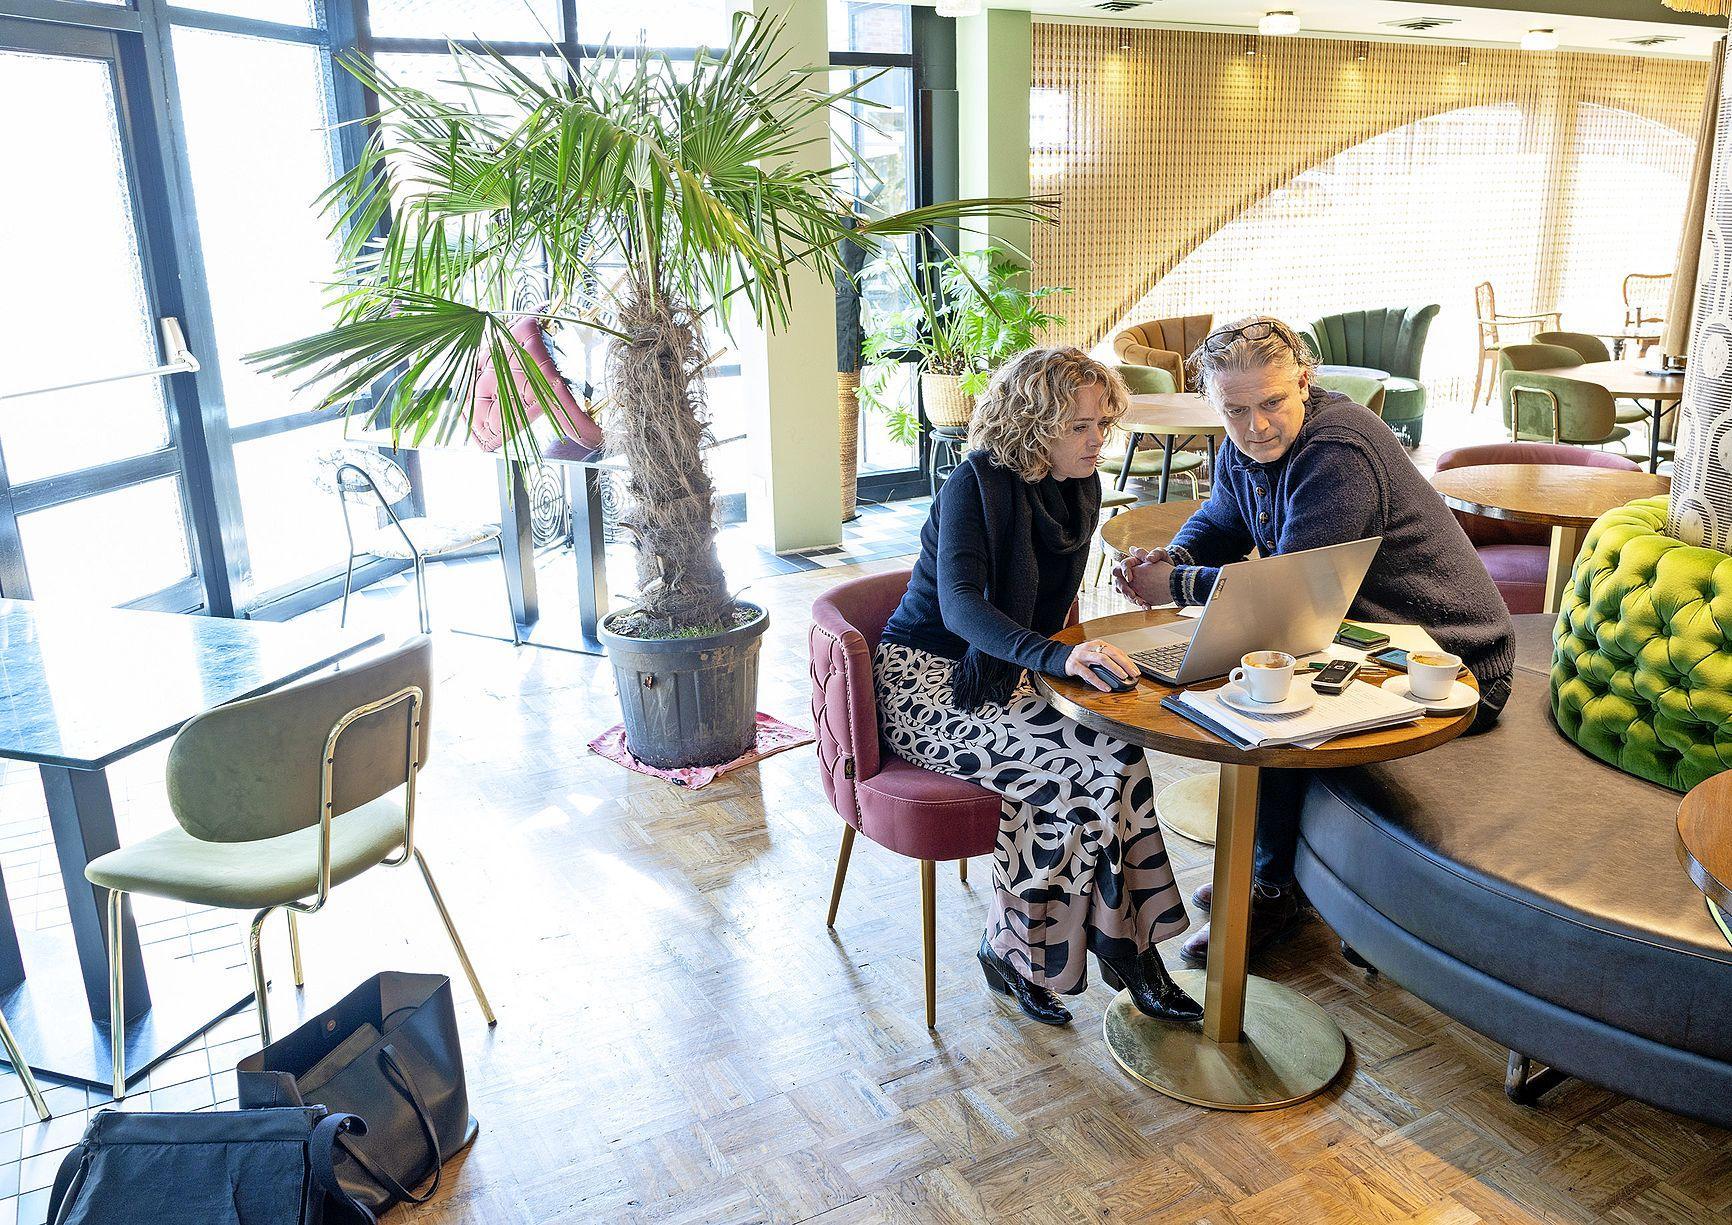 De gemeente Bergen roept ondernemers op hun geldzorgen door corona te delen. 'En dat kan best moeilijk zijn. Dit gaat niet om rechtmatigheid, maar om rechtvaardigheid'